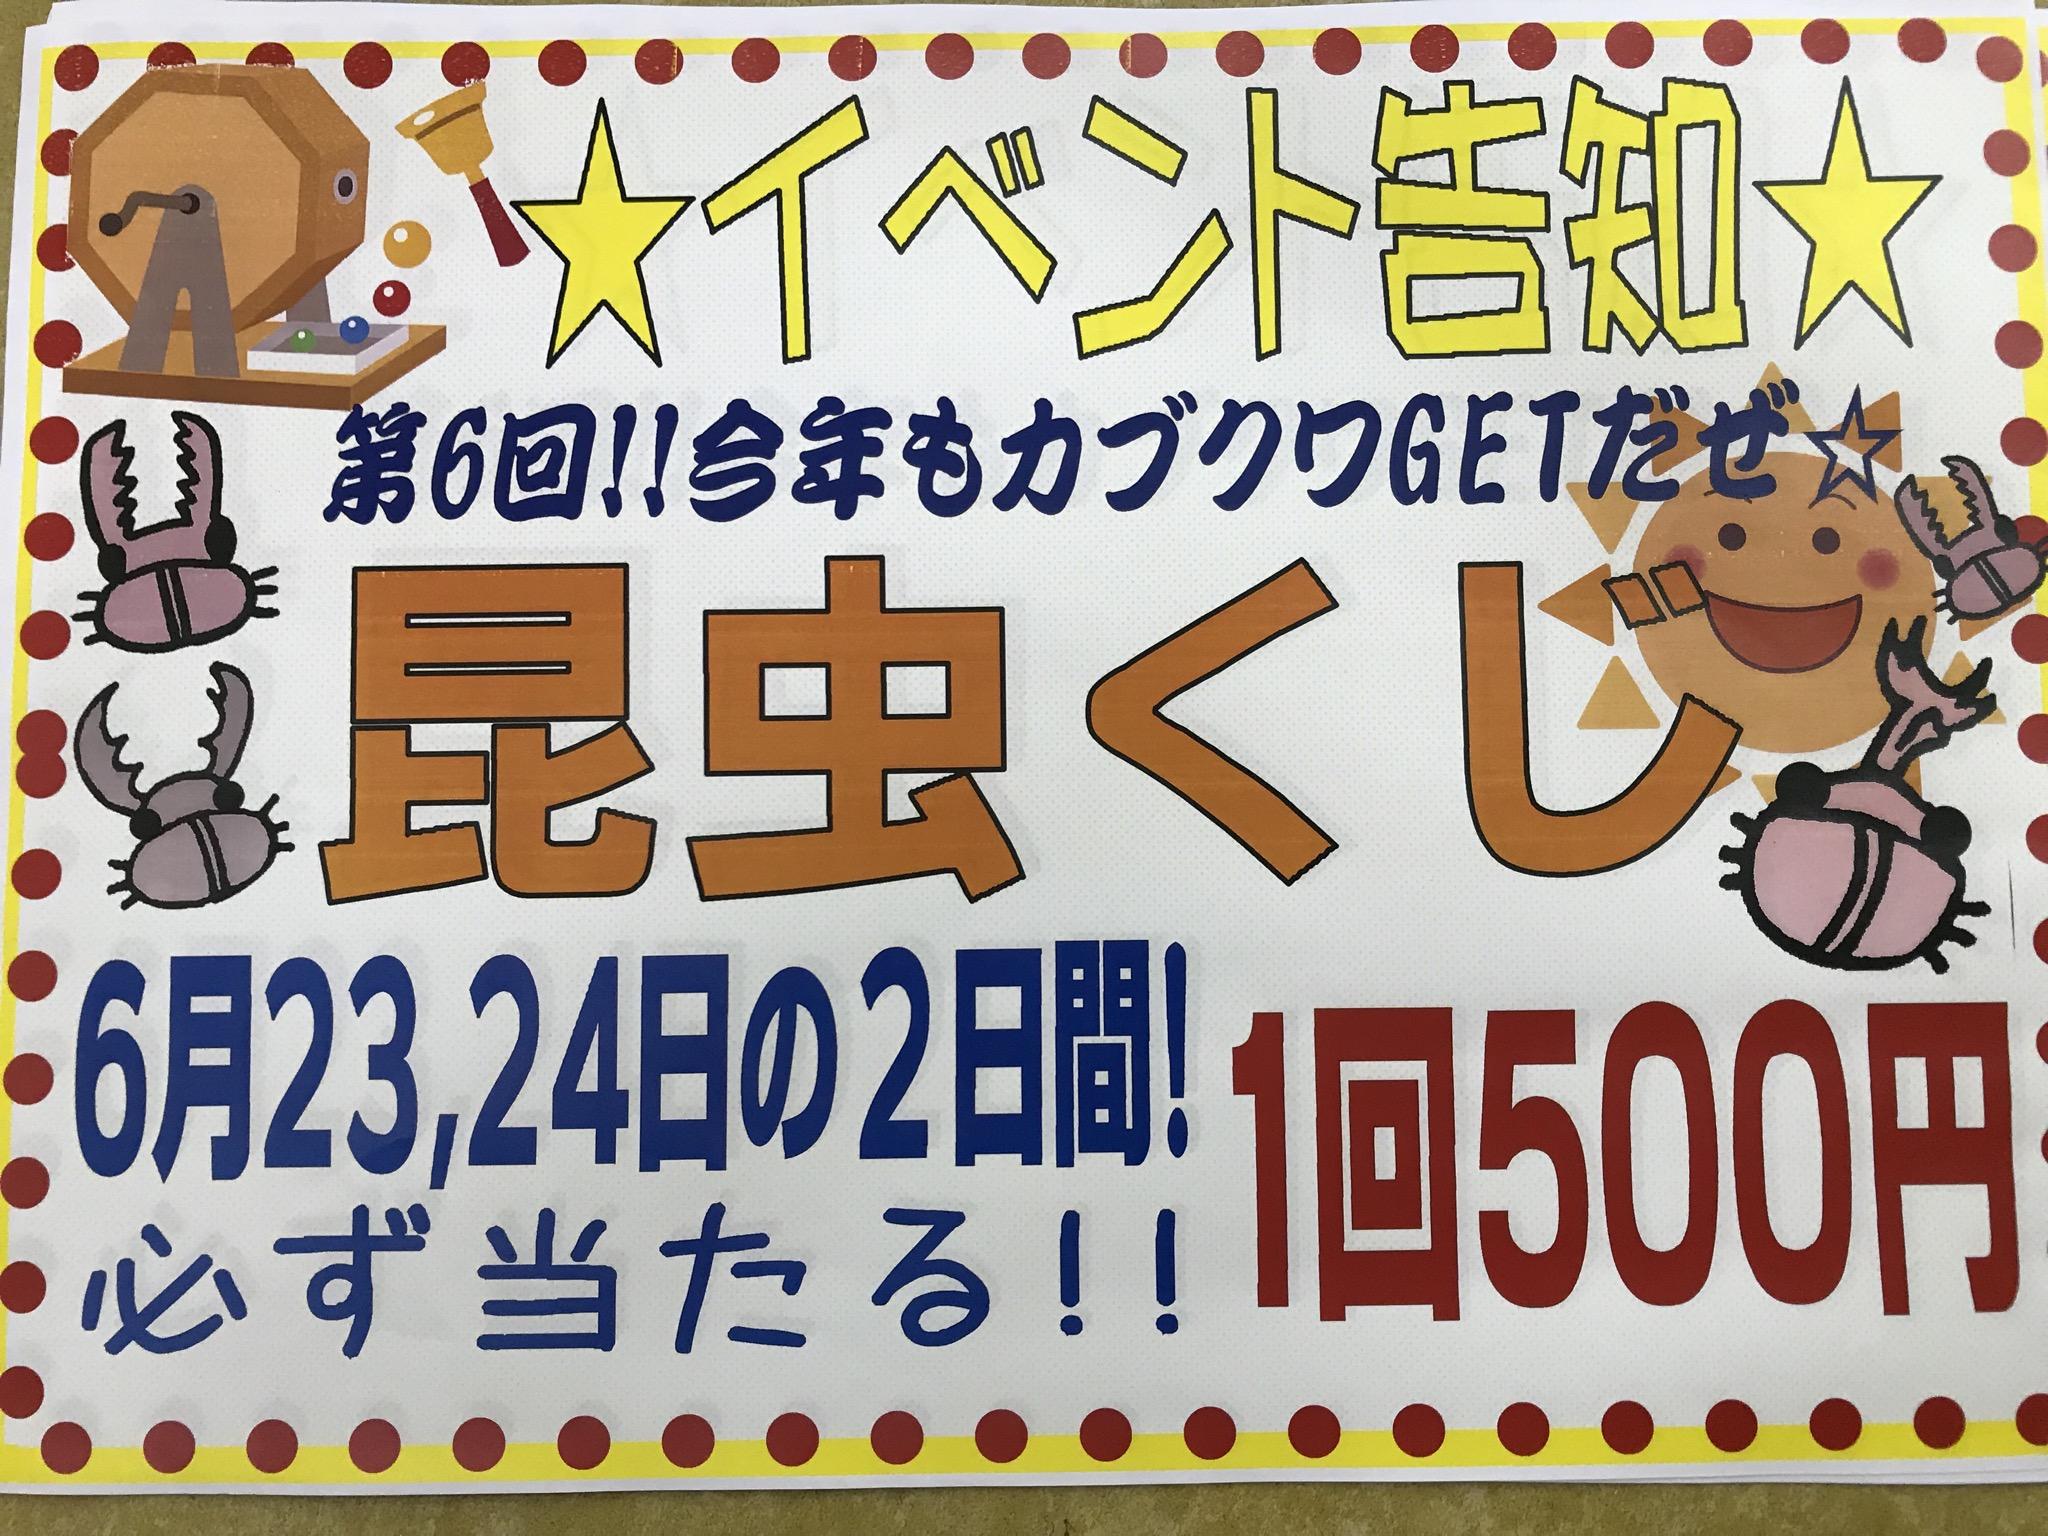 【インター小動物】今週末は「昆虫くじ」開催しまっす!!!